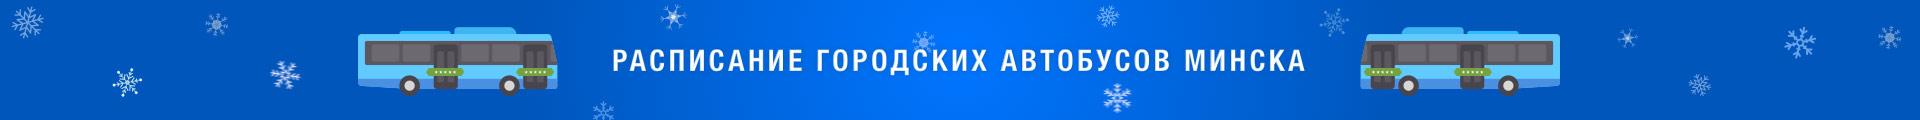 Расписание автобусов Минска